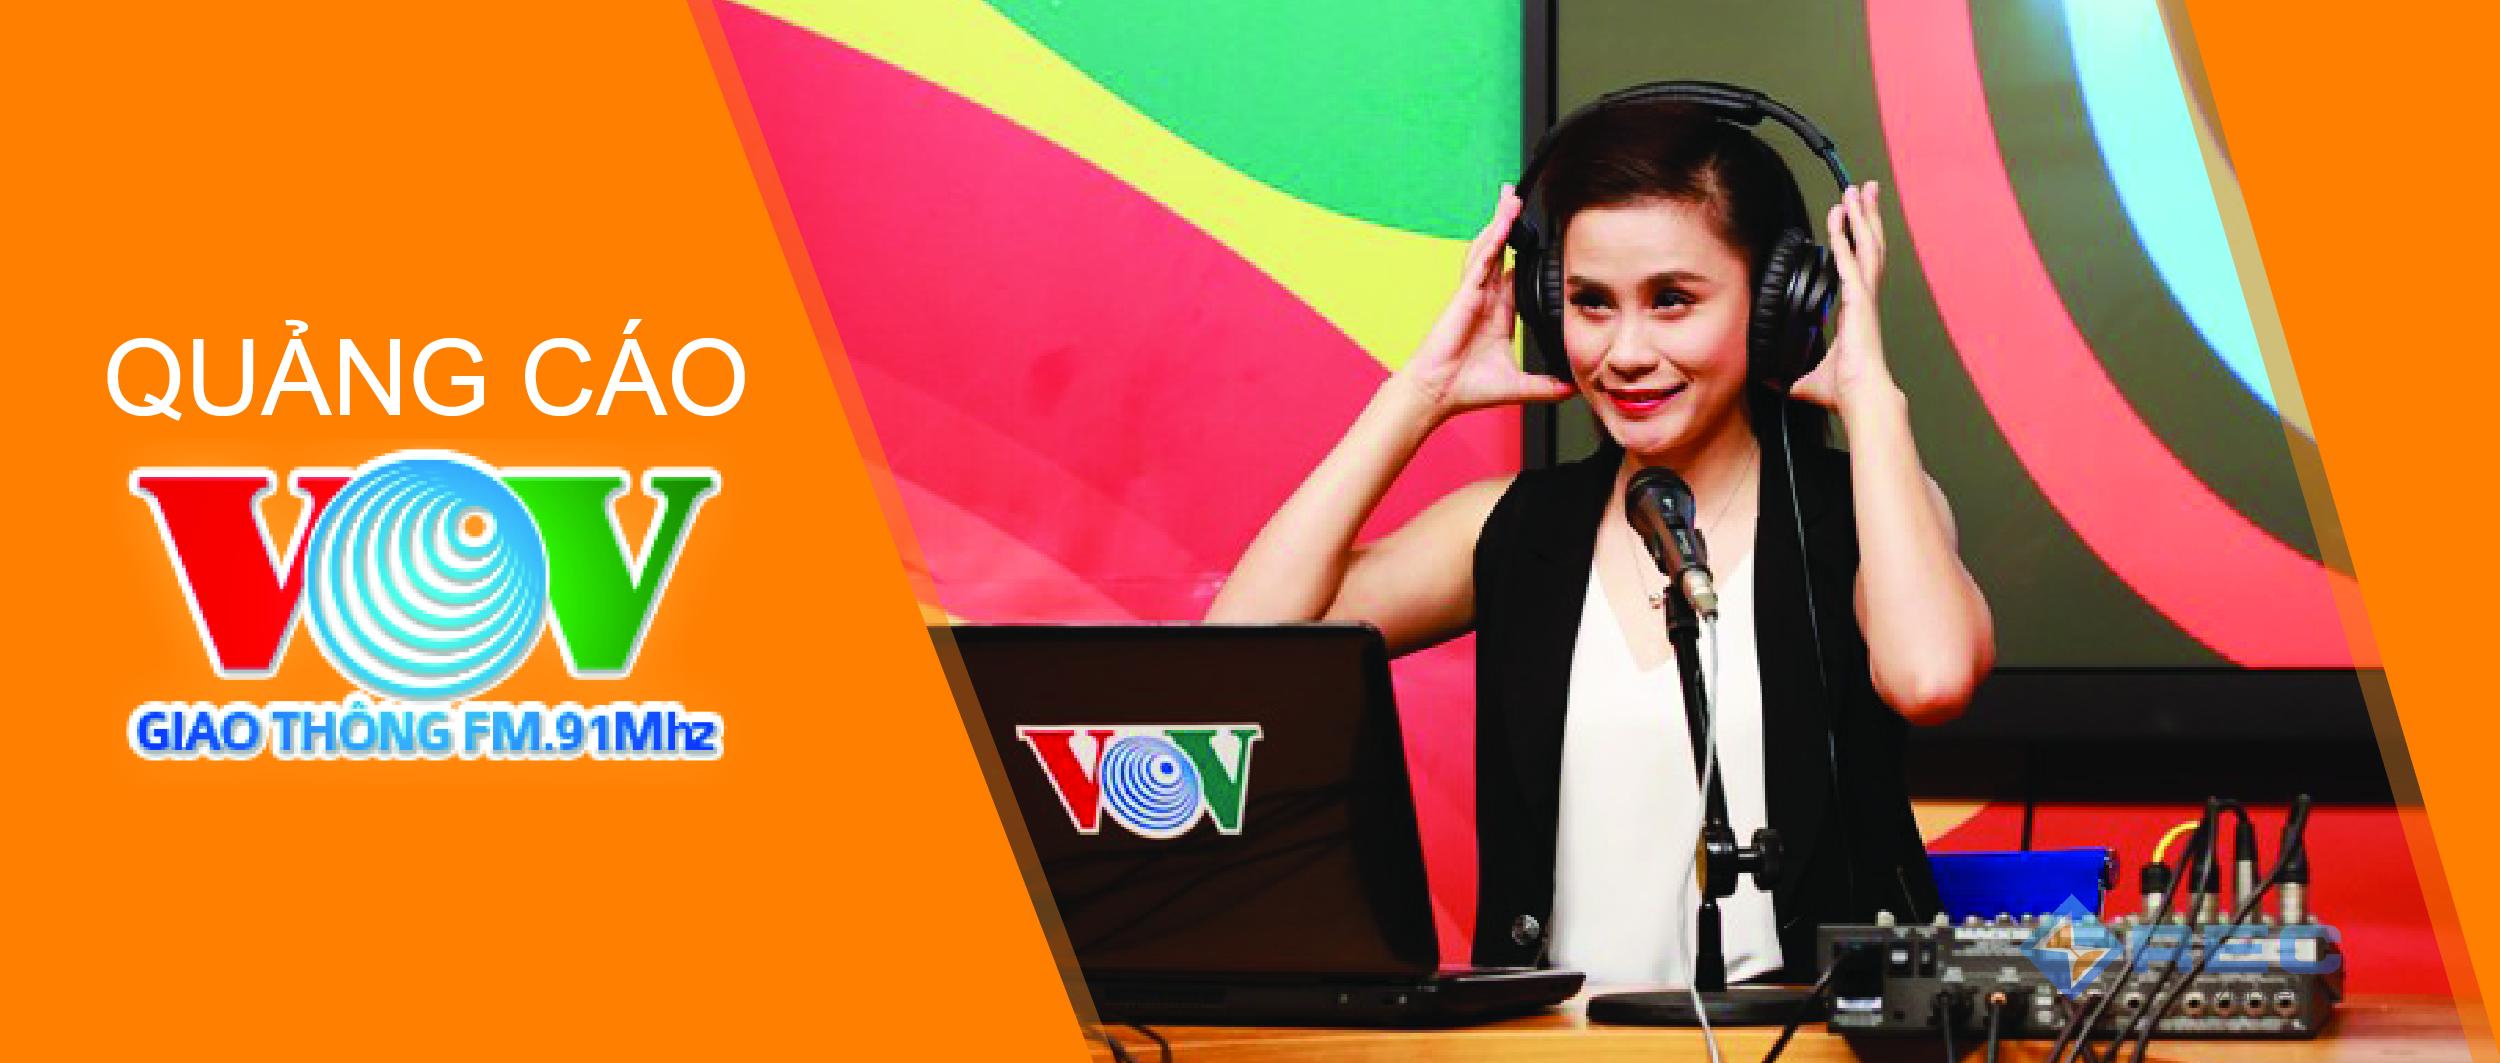 Quảng cáo trên kênh VOV Giao thông đưa bạn tới thành công